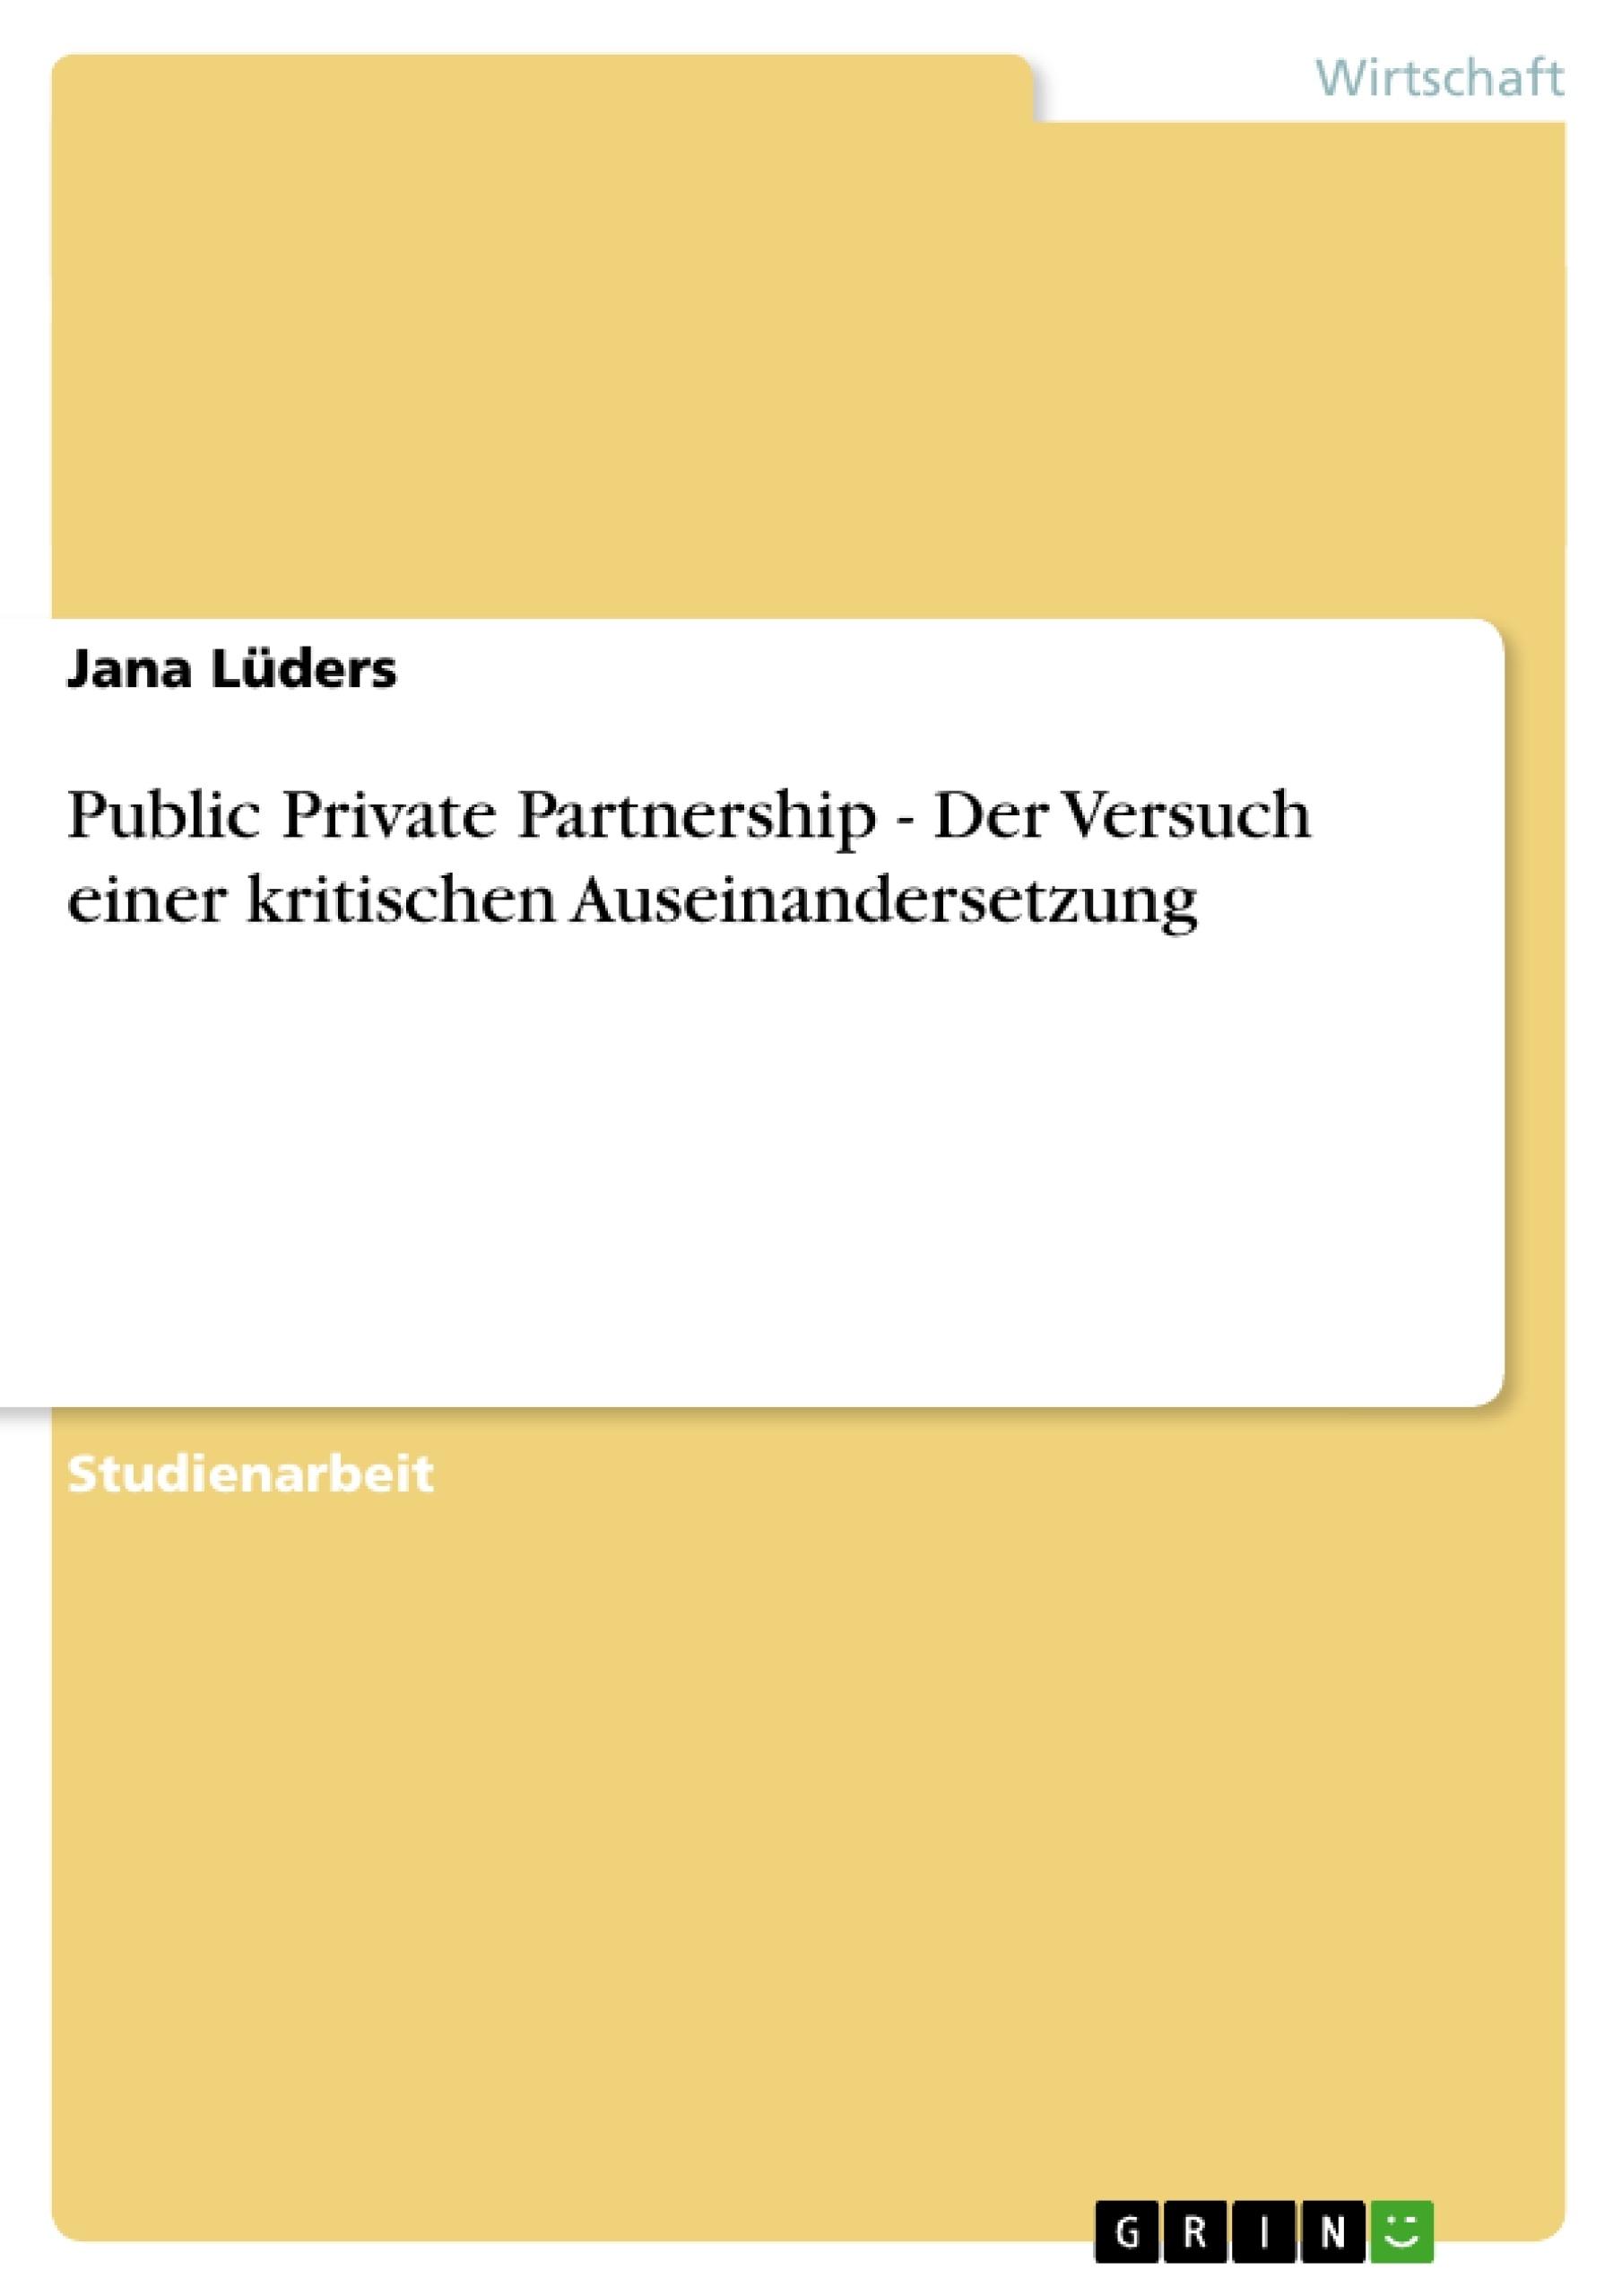 Titel: Public Private Partnership - Der Versuch einer kritischen Auseinandersetzung